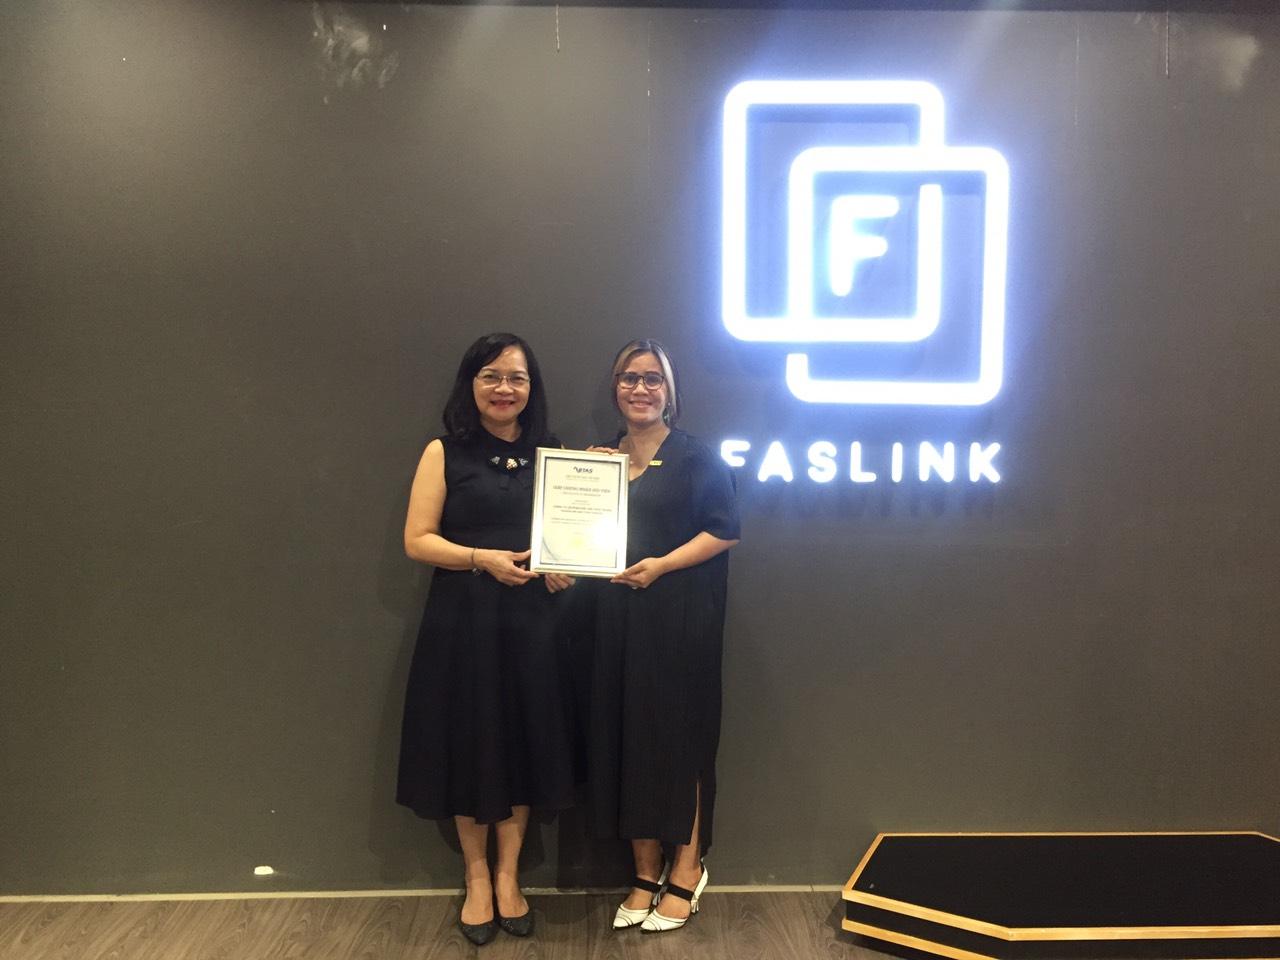 Faslink – Thương hiệu Dệt May Việt ...